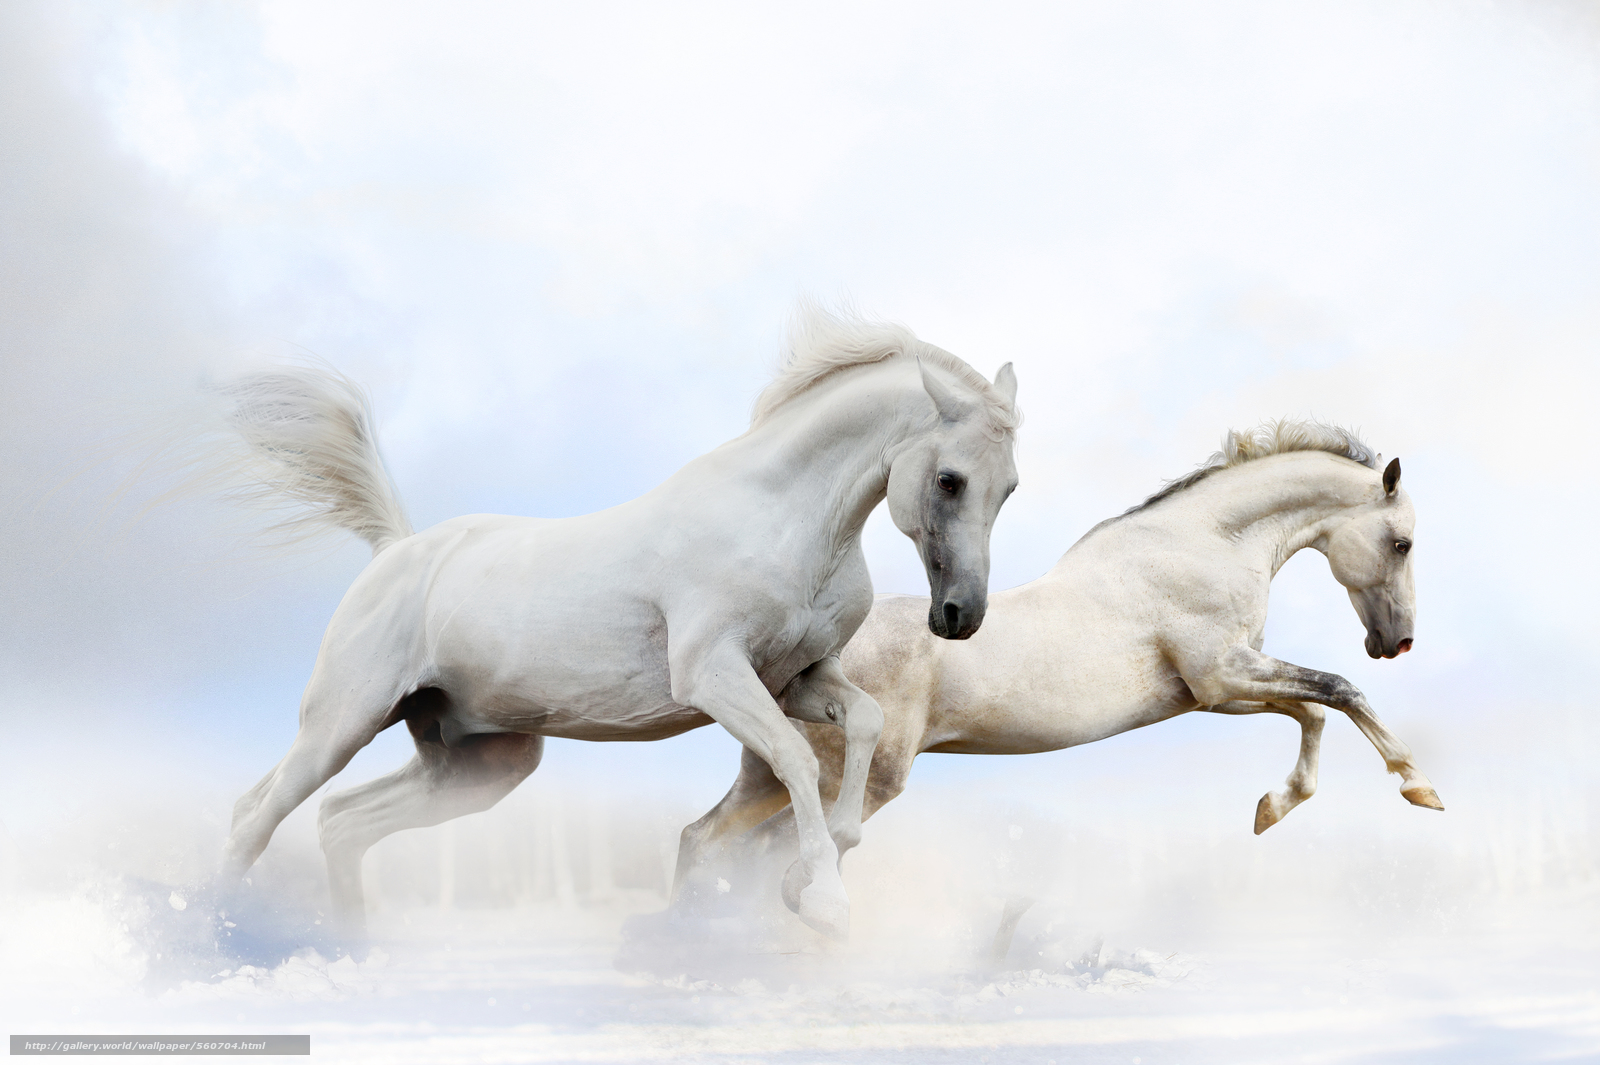 Скачать обои лошади,  кони,  животные бесплатно для рабочего стола в разрешении 8512x5664 — картинка №560704